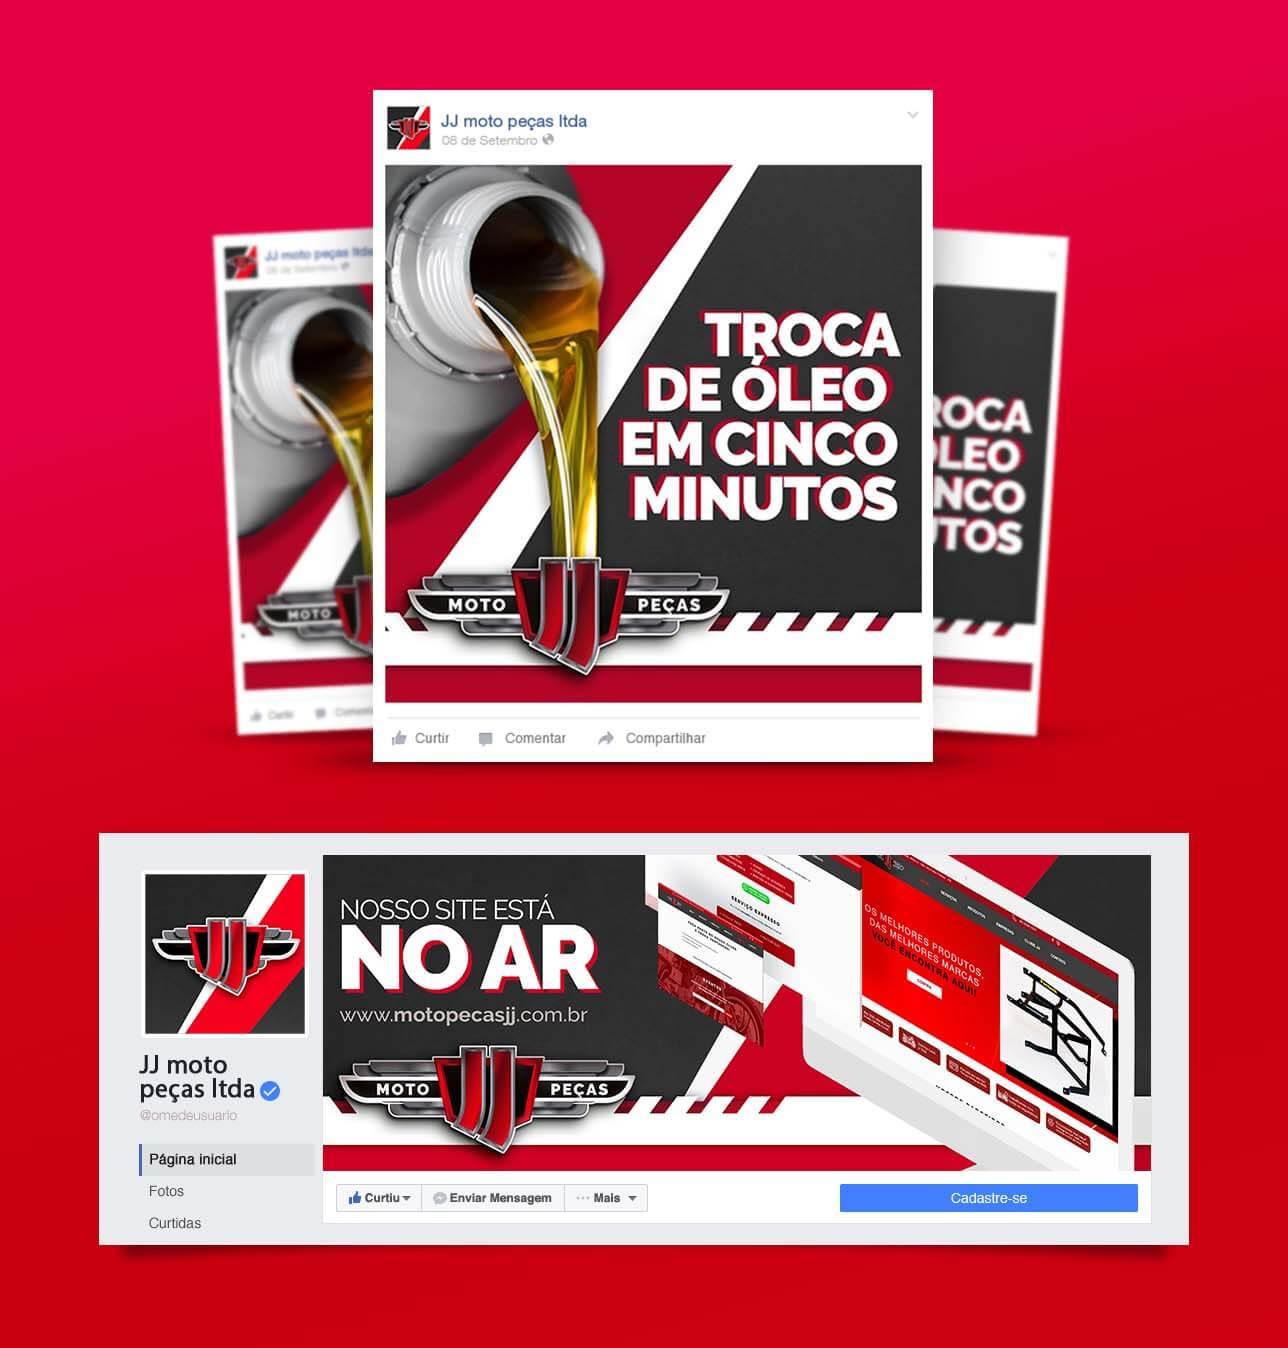 JJ Moto Peças | Booom Criative - Agência de Marketing Digital em Curitiba